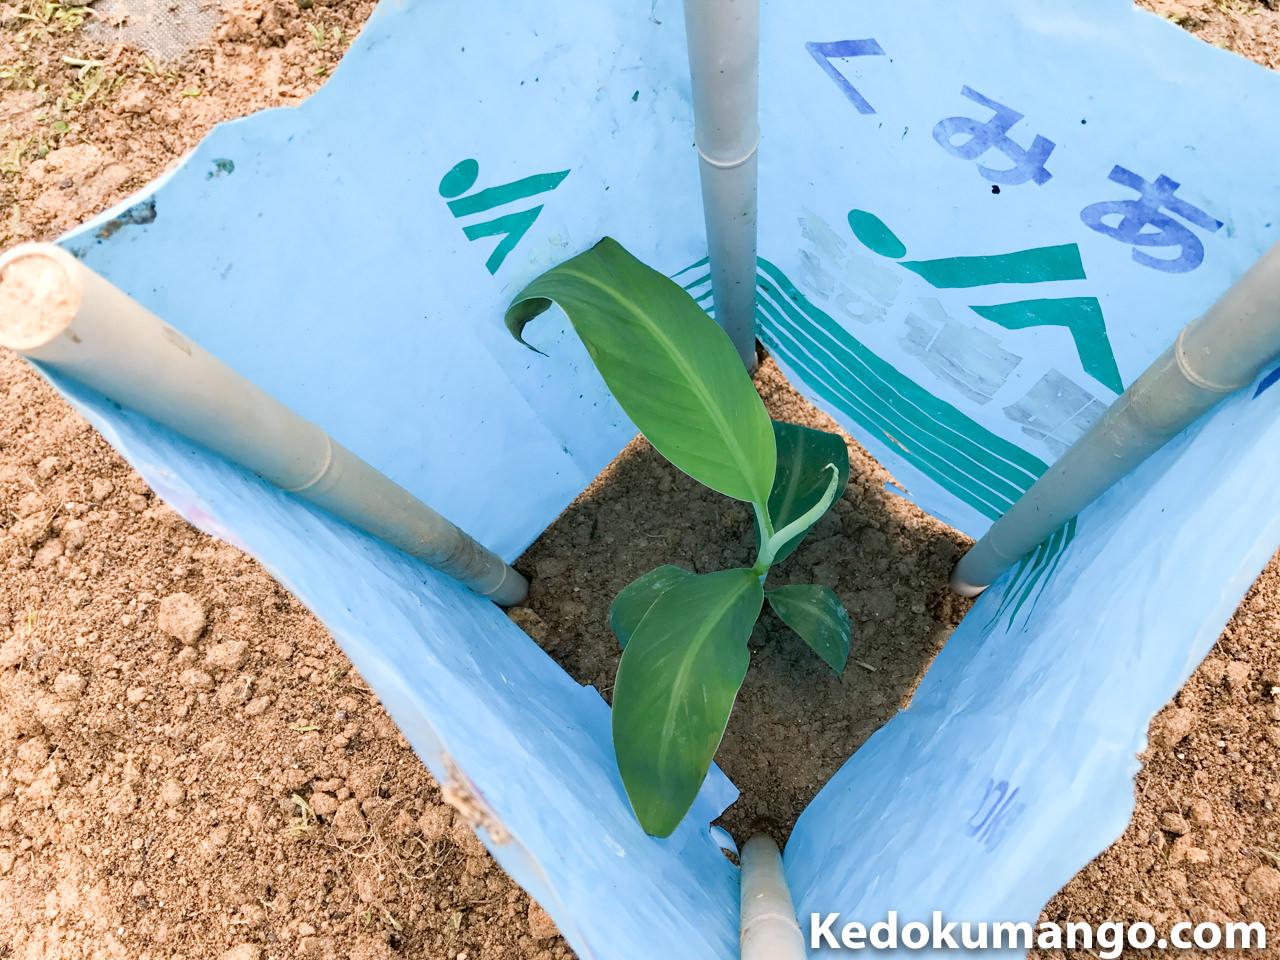 肥料袋の中の島バナナの苗木